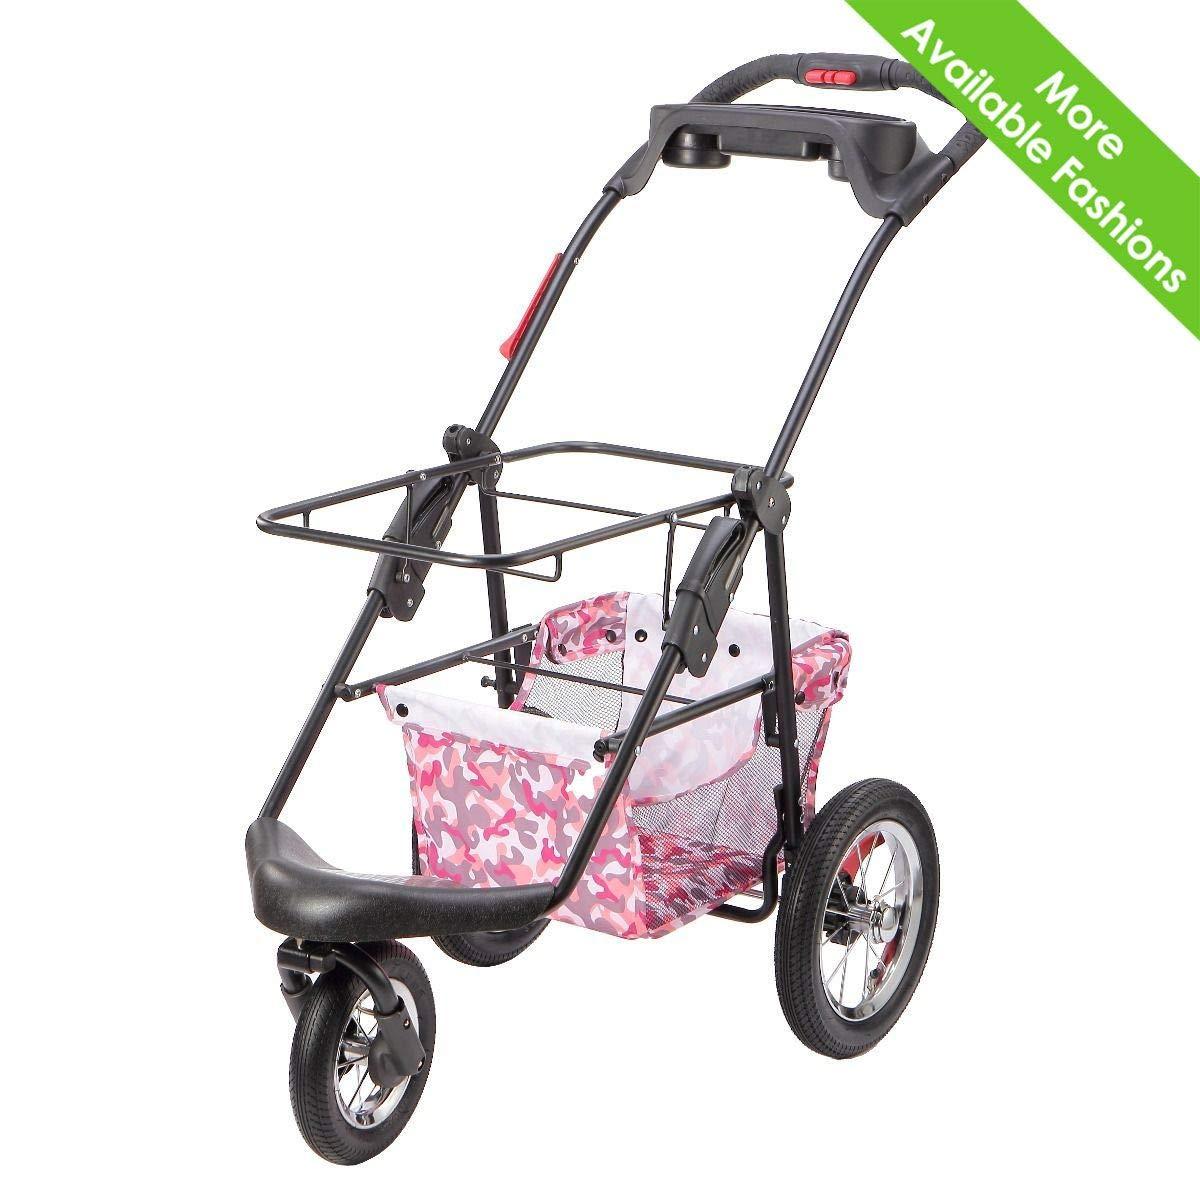 PETIQUE PC02010103 Pet Stroller, Black, One Size